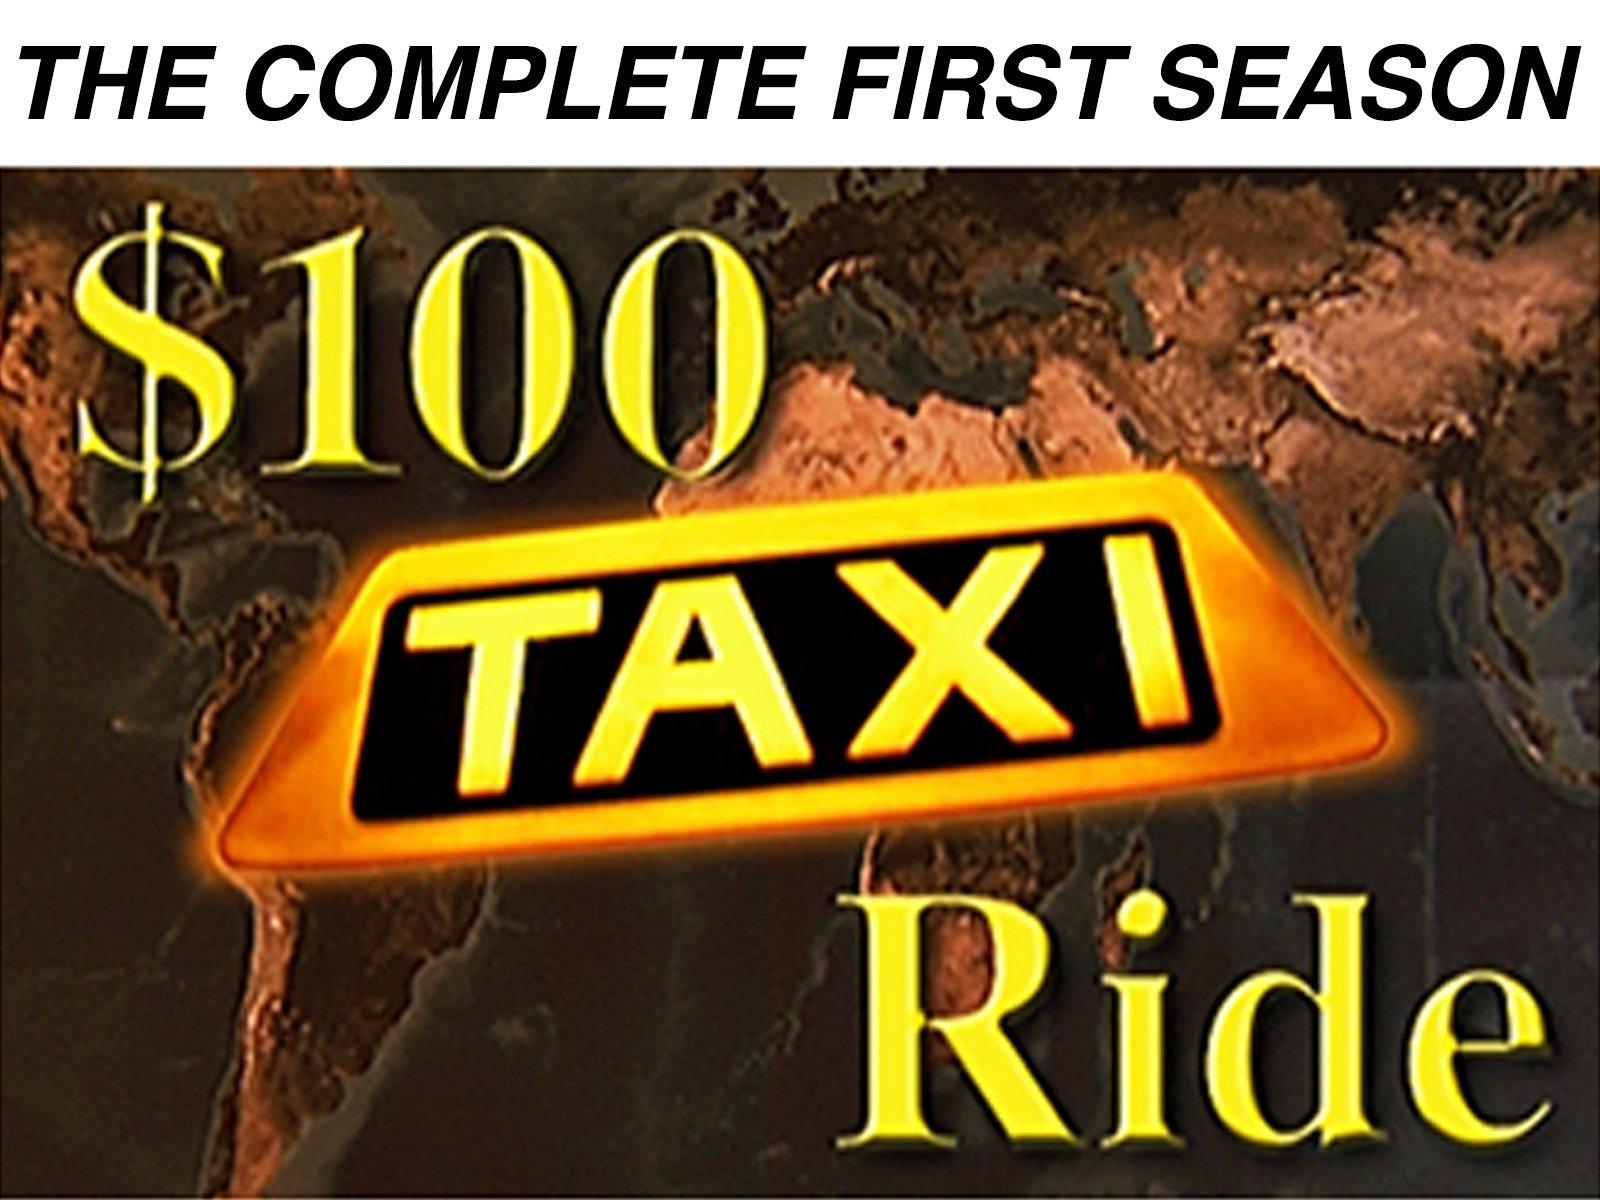 $100 Taxi Ride - Season 1